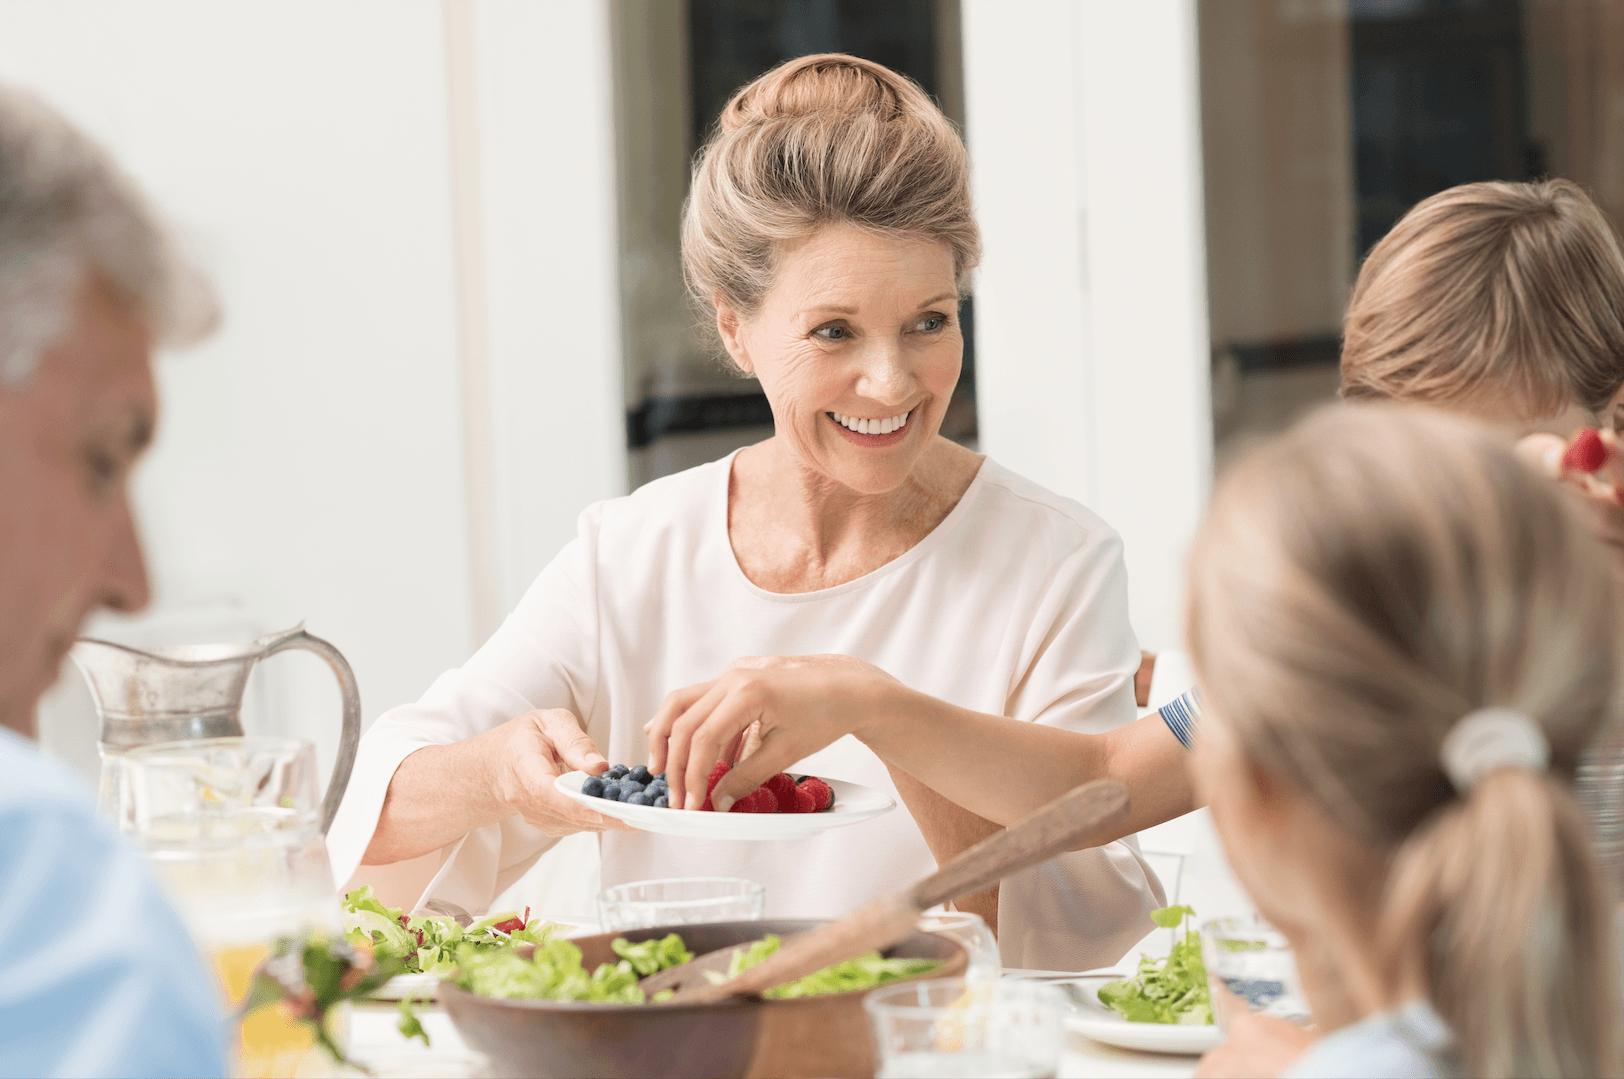 Babka sa usmieva pri spoločnom obede na ostatných členov rodiny, v ruke drží tanier s čučoriedkami a malinami